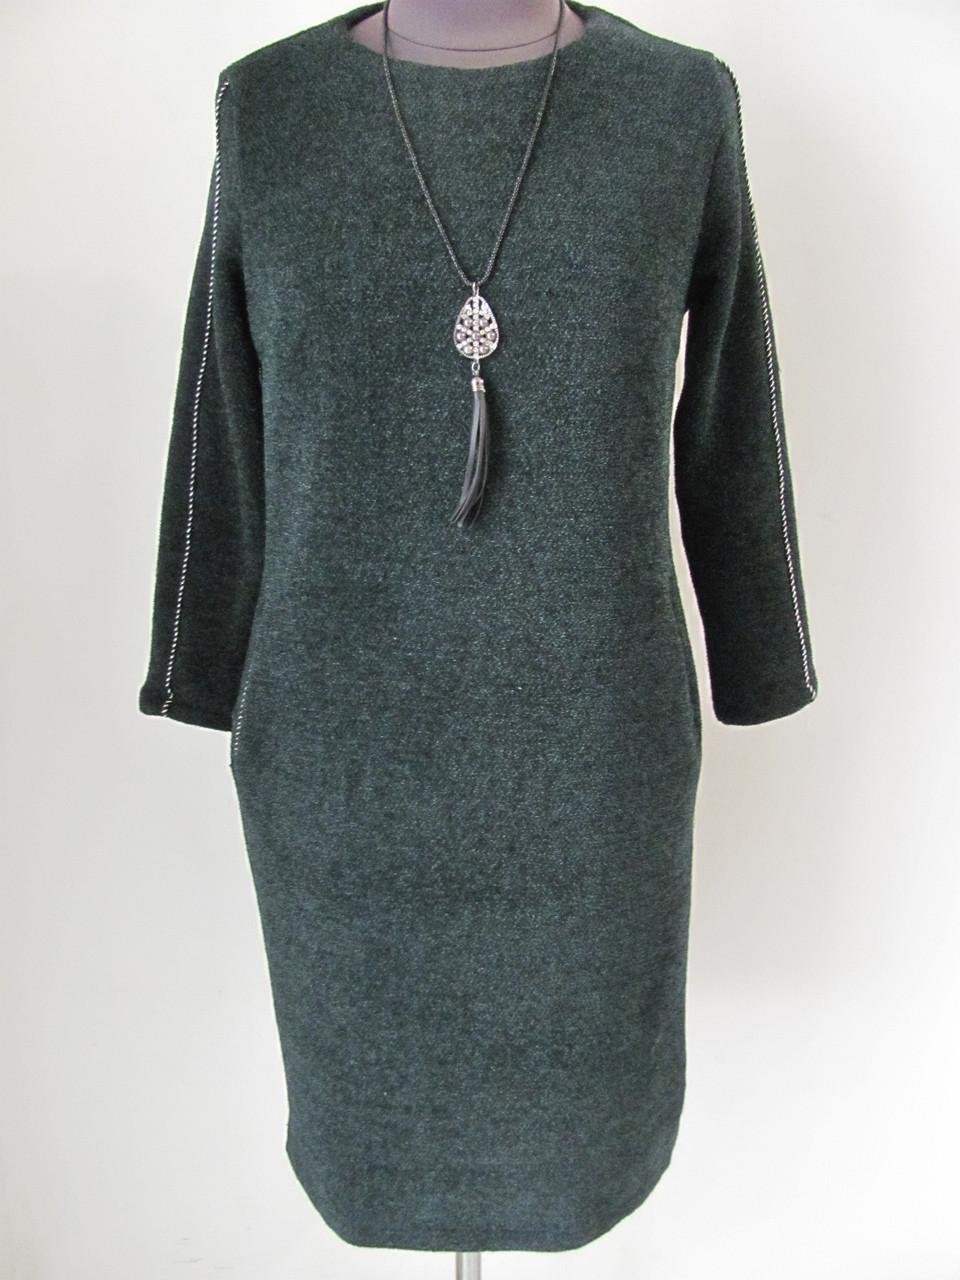 Теплое зимнее платье с карманами украшение в комплекте р.48 код 3001М